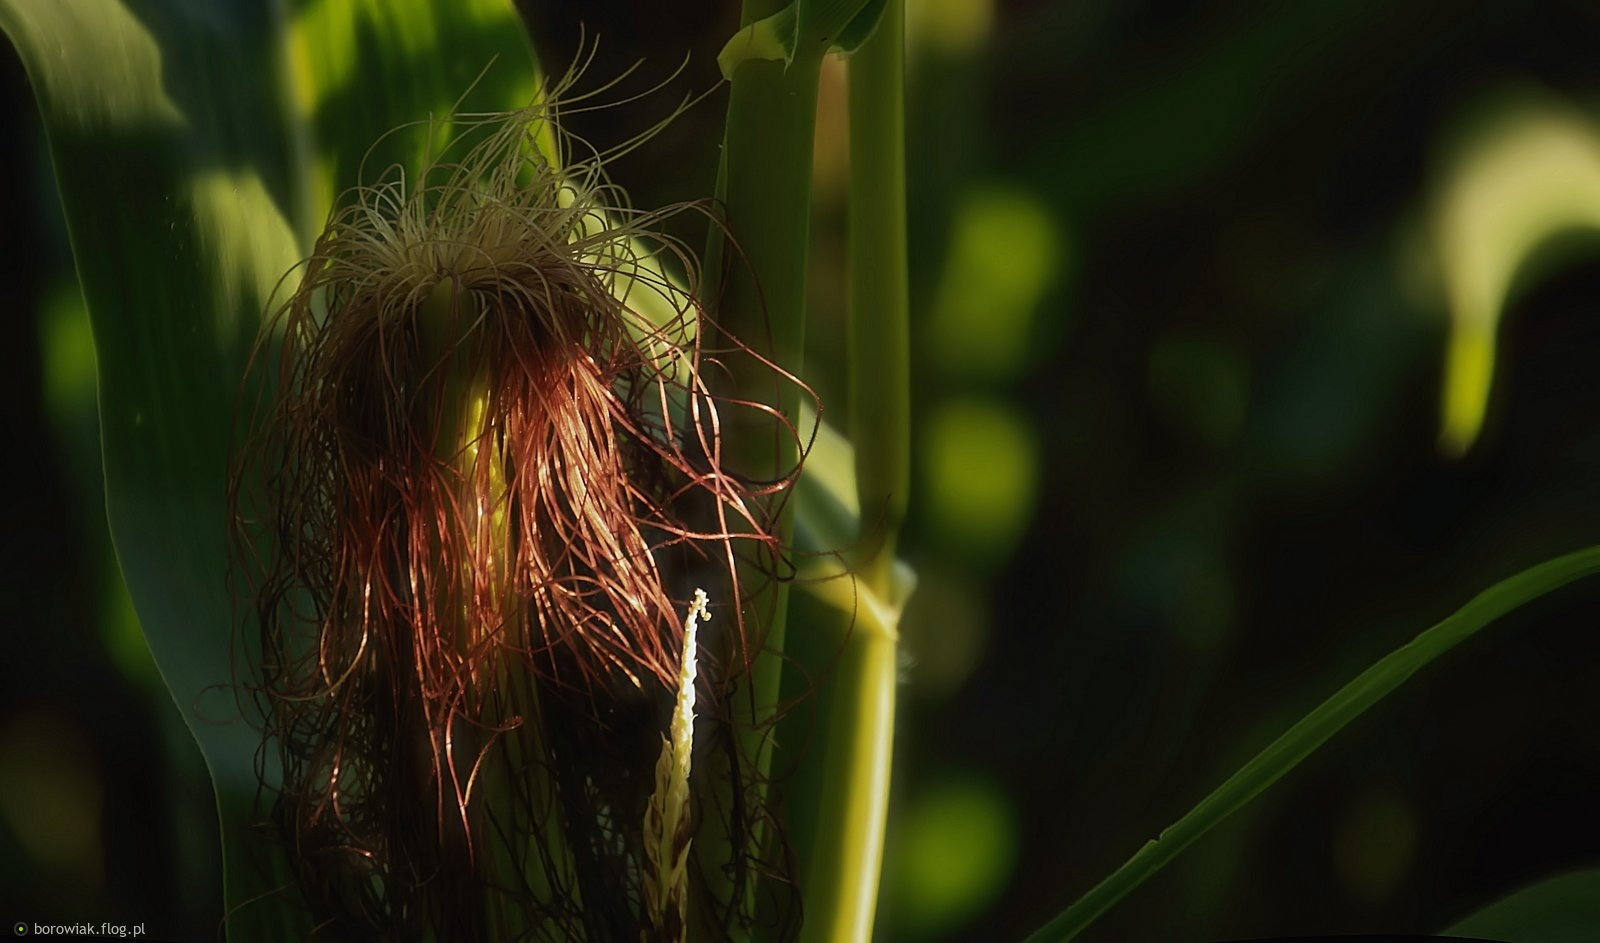 Kukurydziane fryzurki...